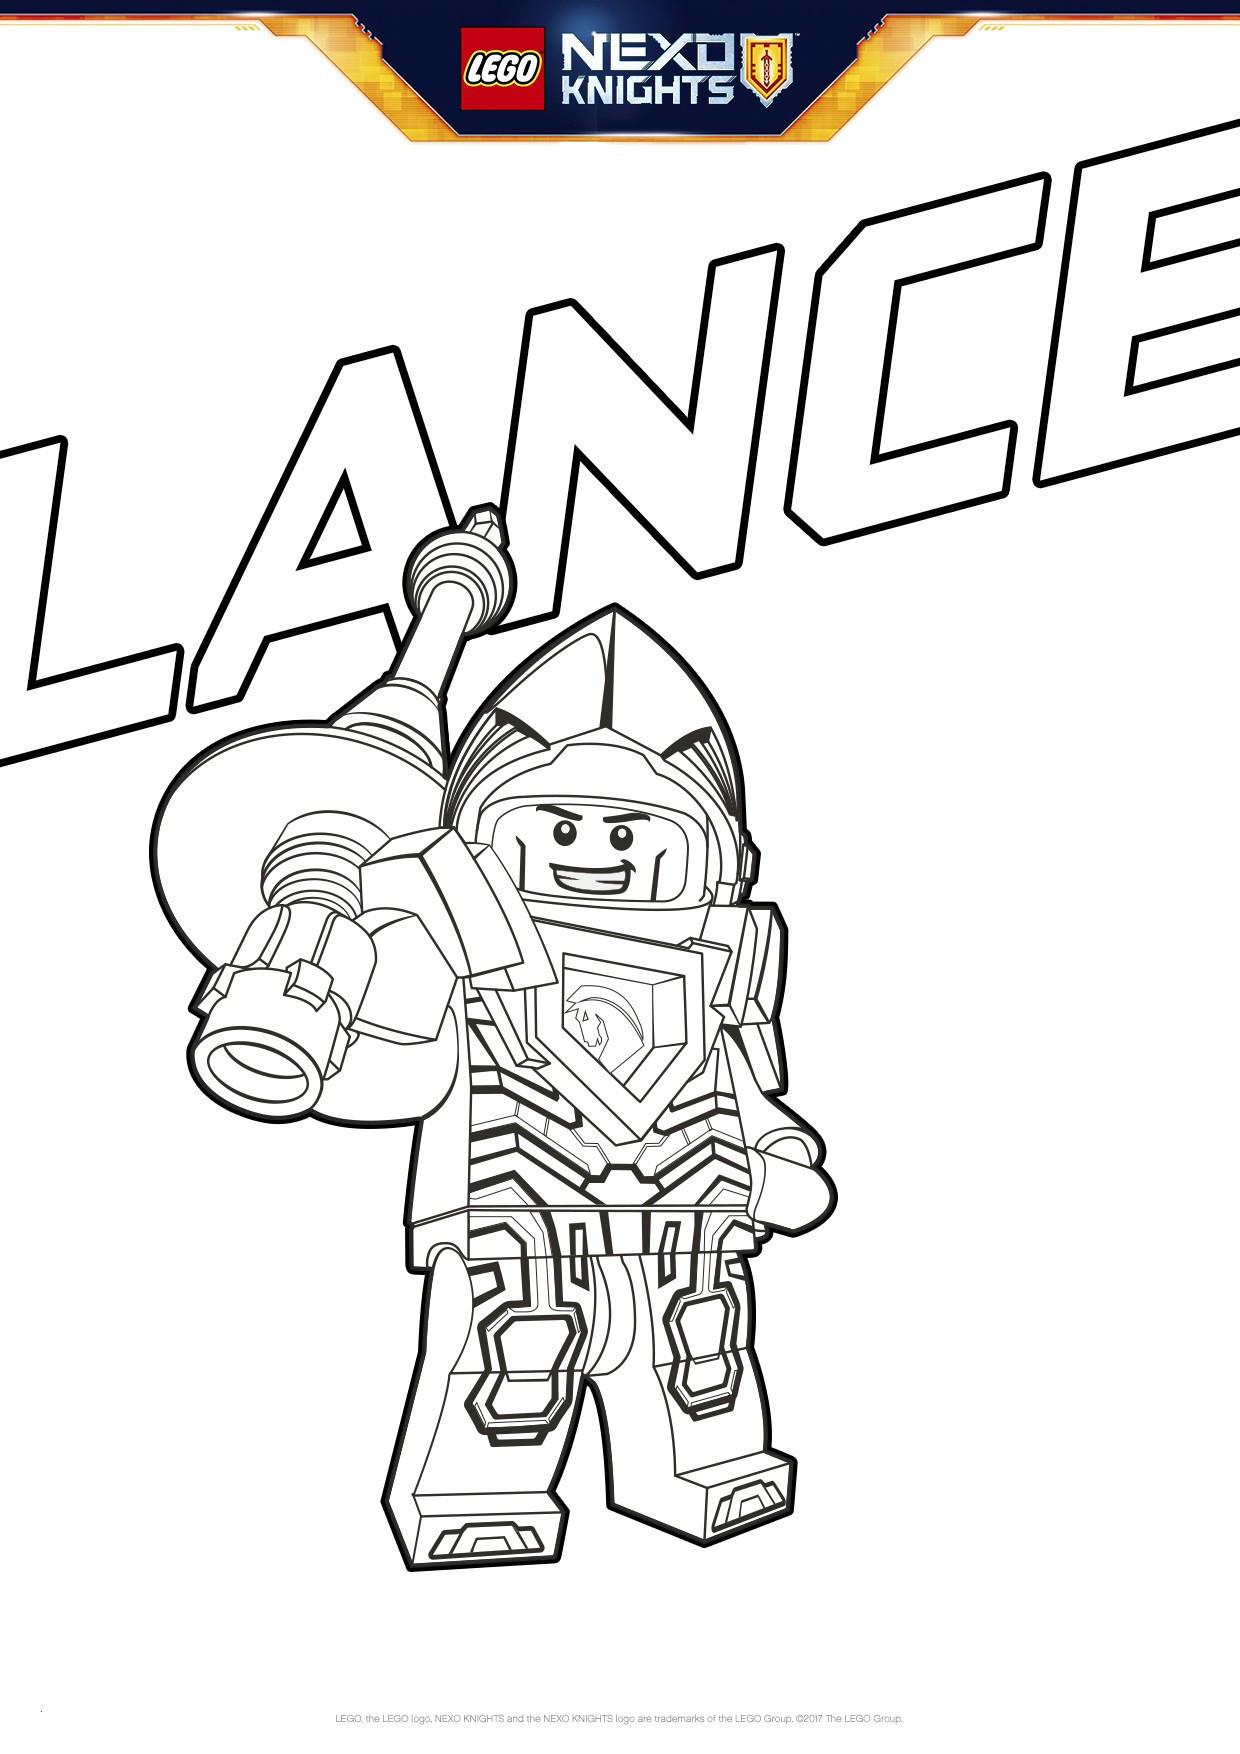 Lego Ausmalbilder Kostenlos Frisch Nexo Knight Coloring Pages Unique Neues Ausmalbilder Kostenlos Lego Das Bild